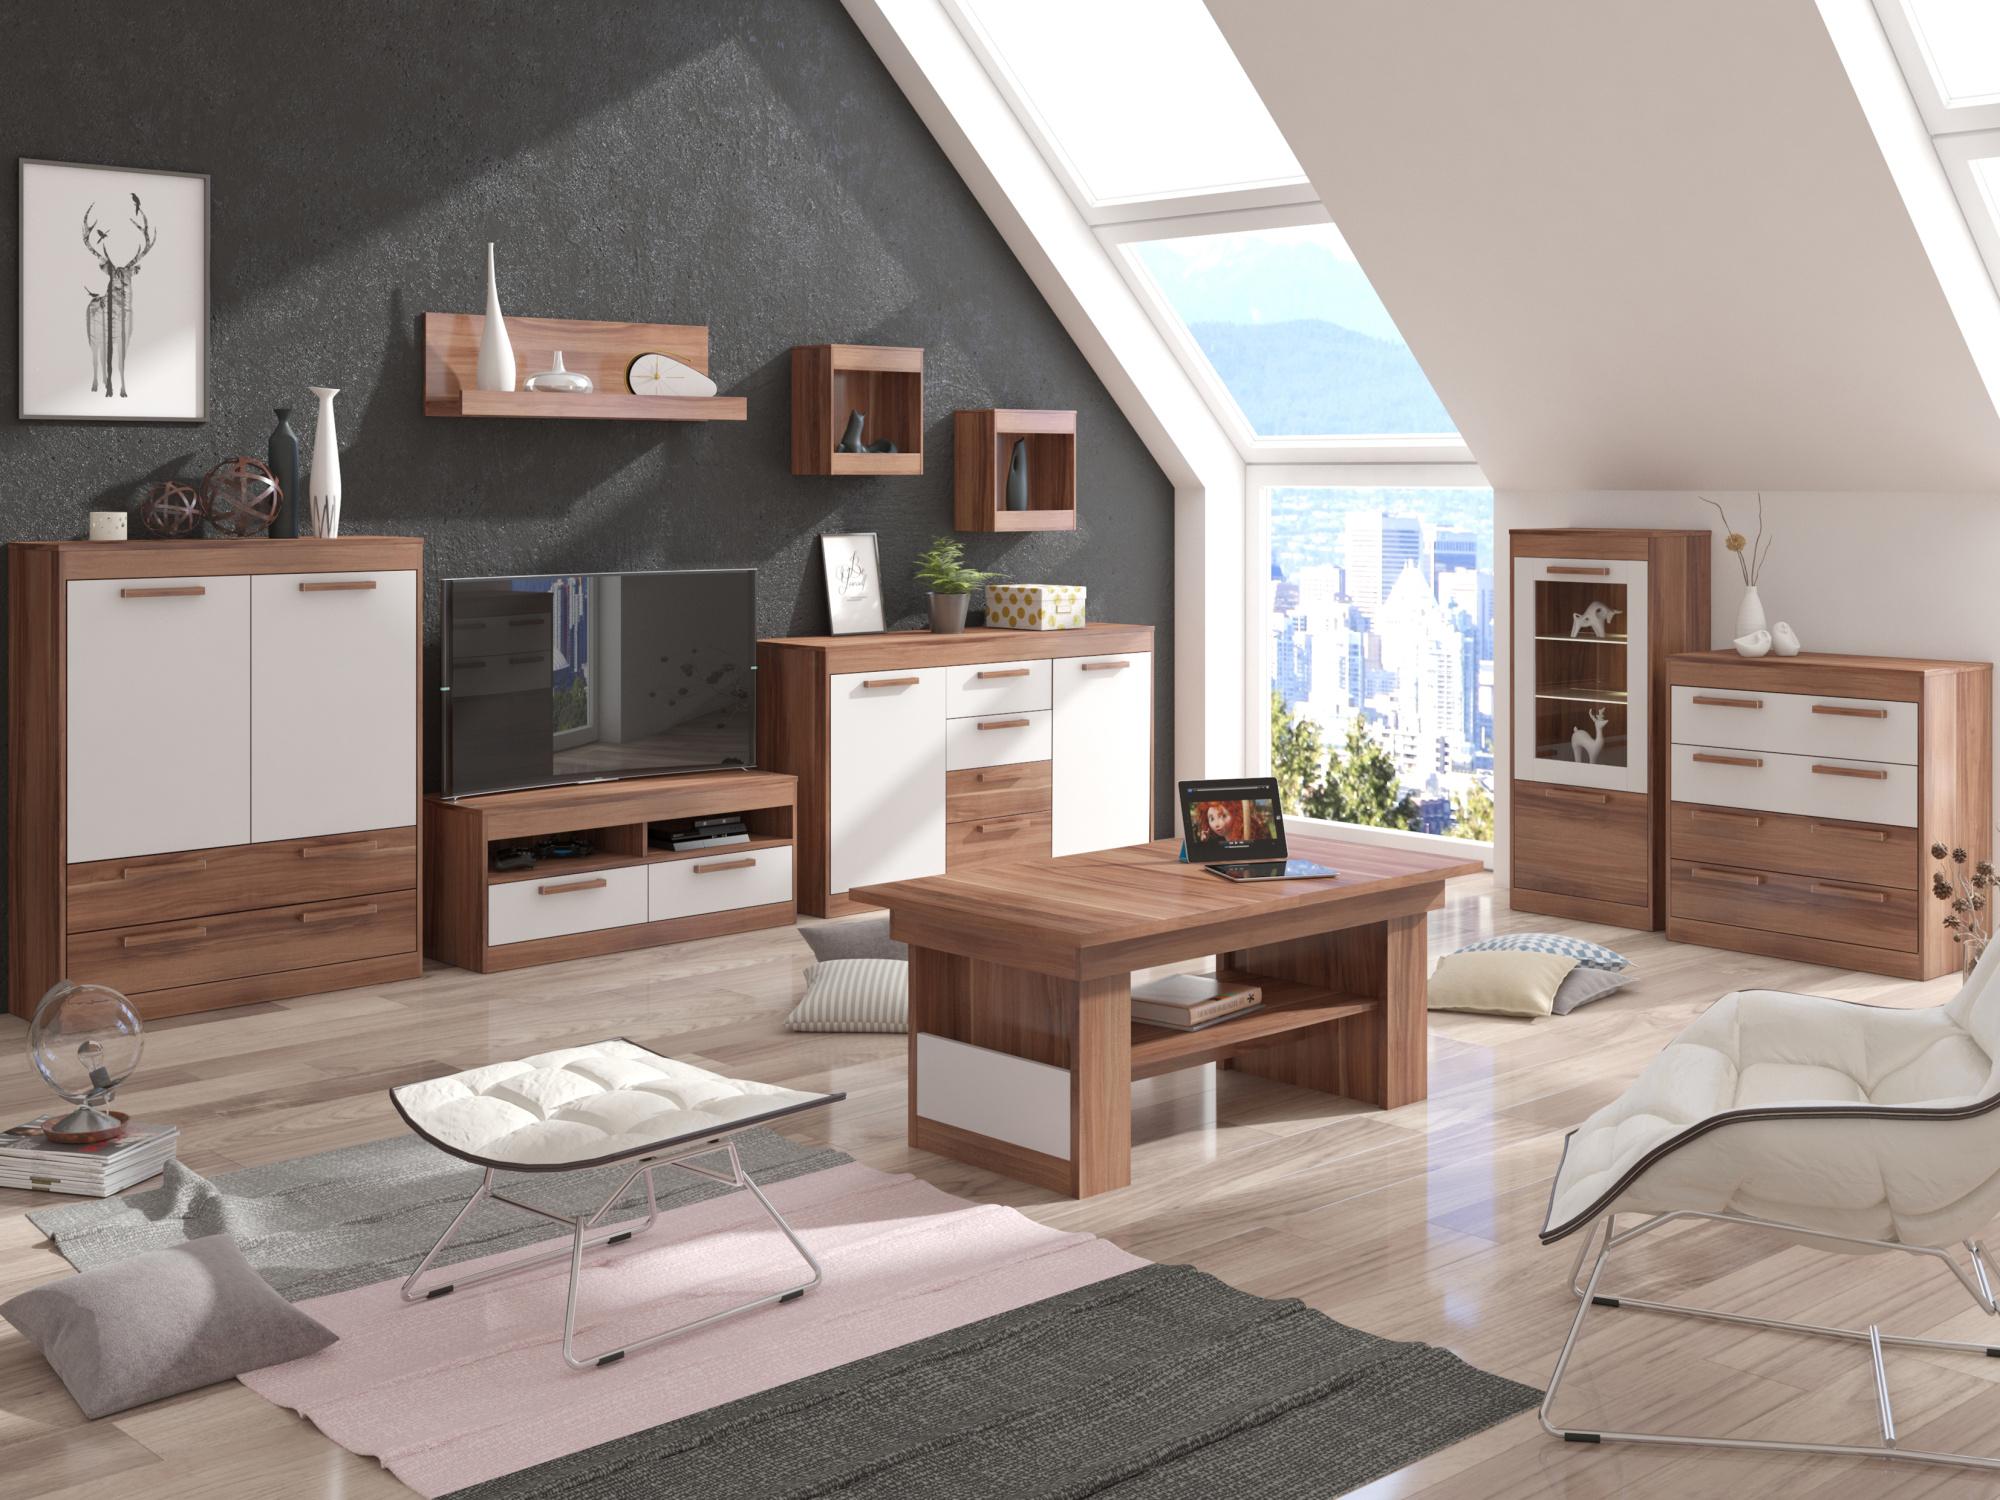 MAXIM obývací pokoj 6, švestka/bílá